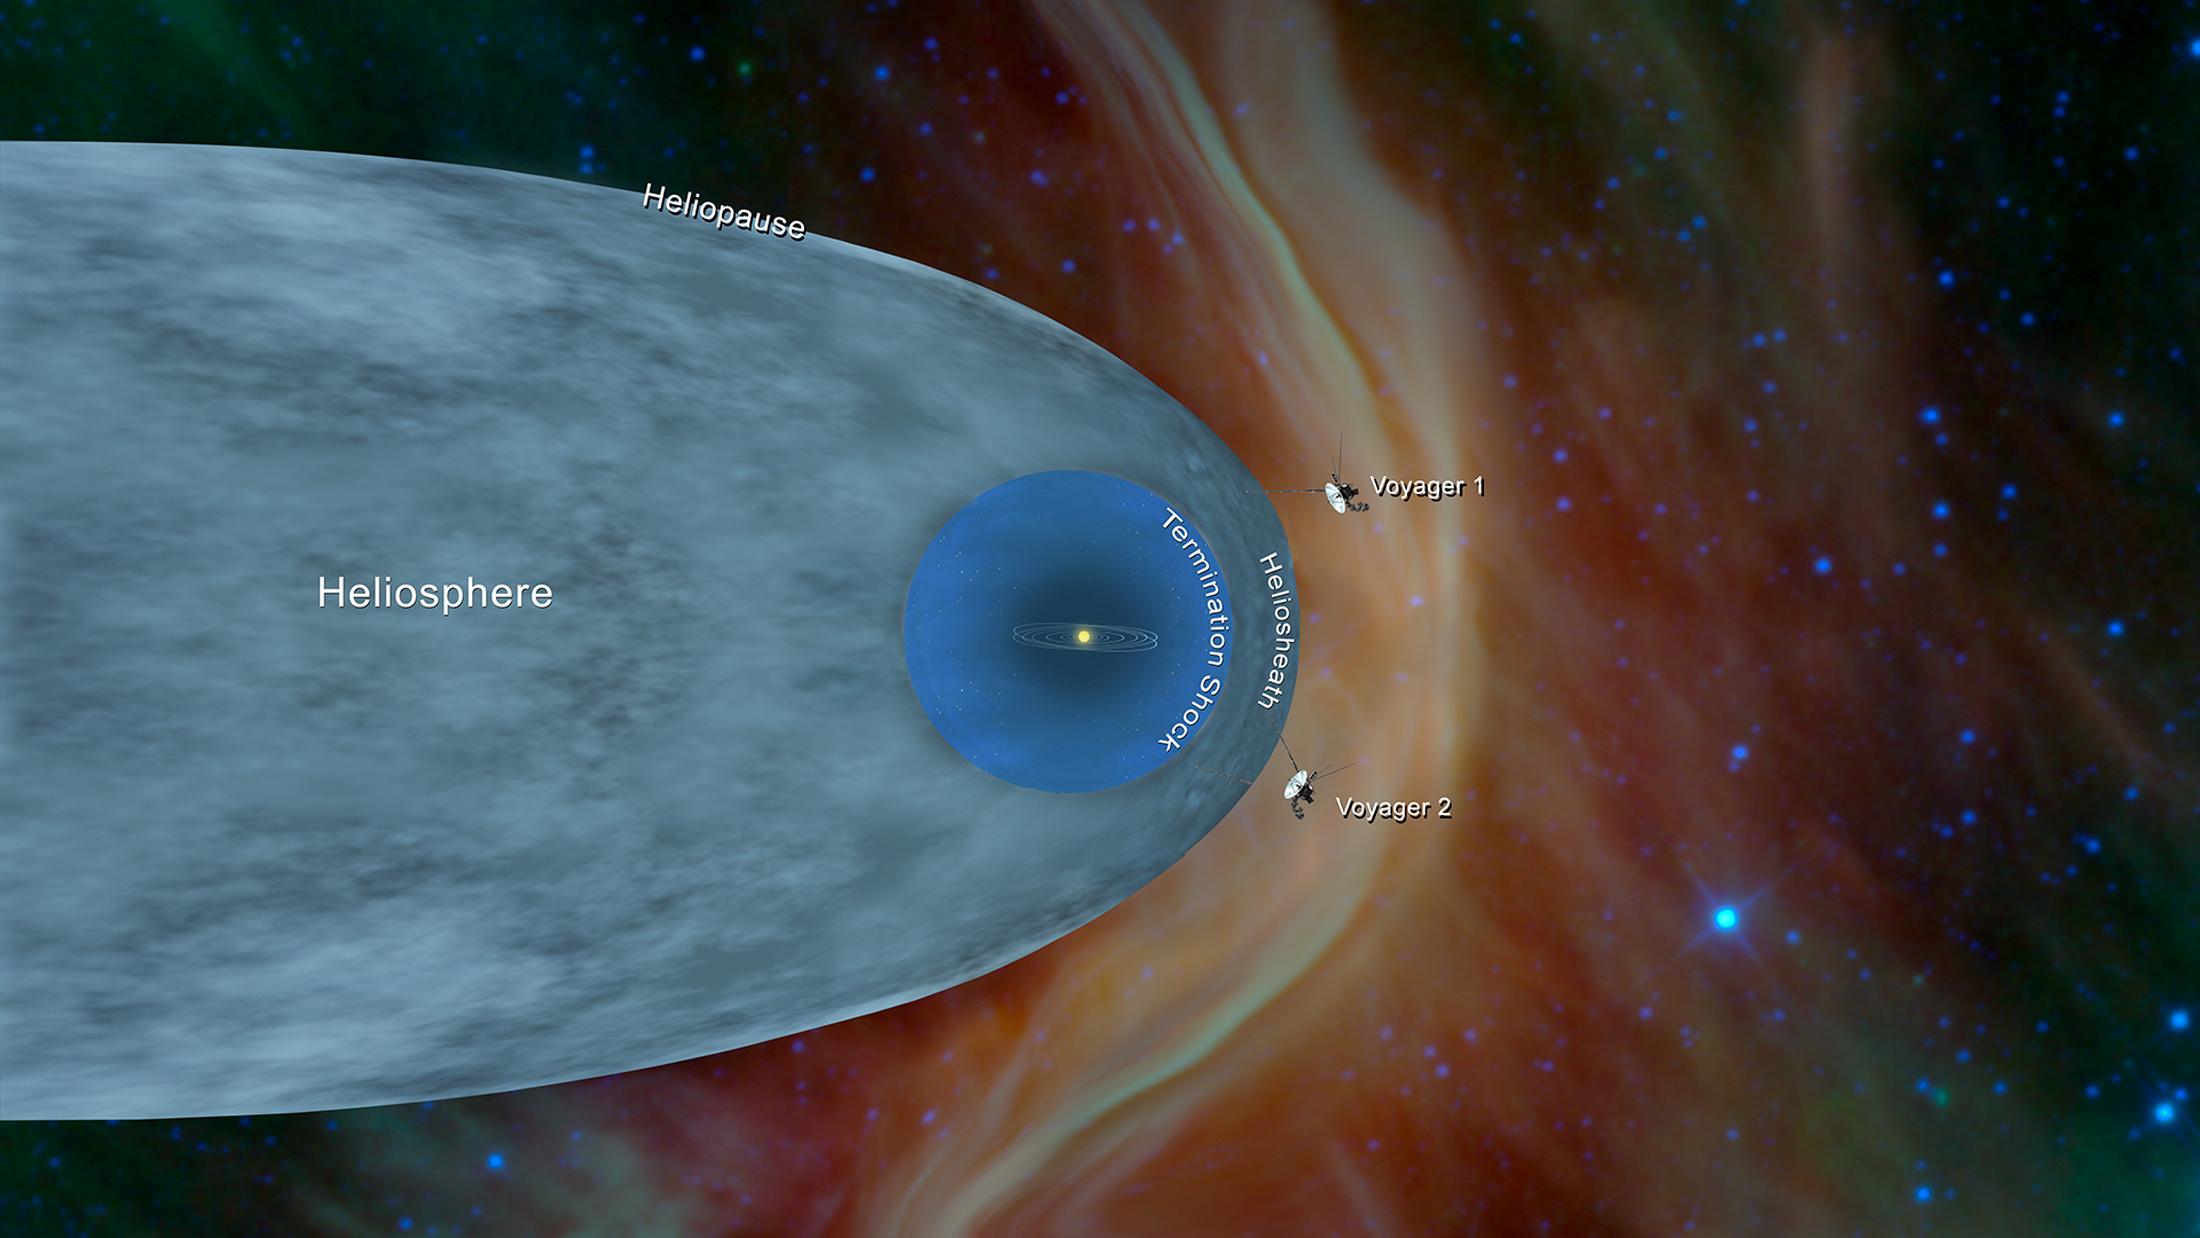 вояджер 2 покинул солнечную систему